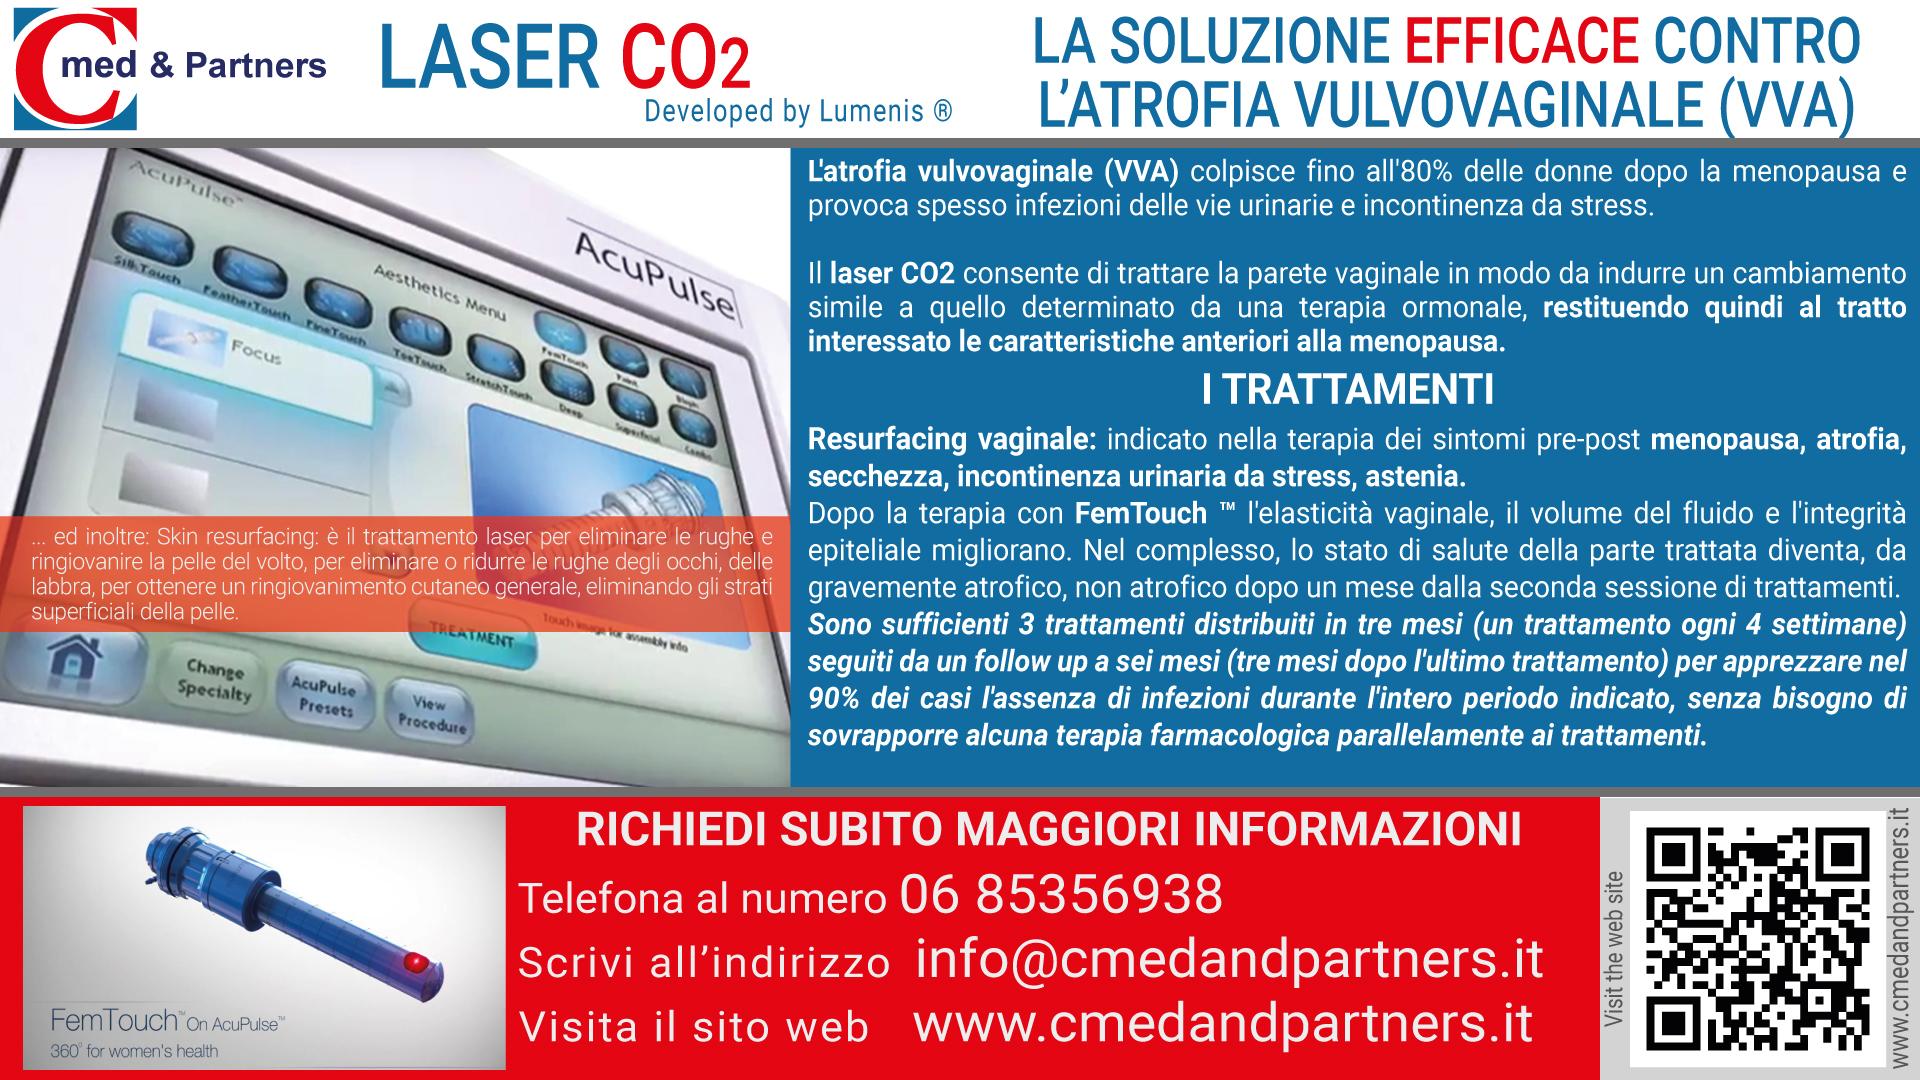 1920x1080-slide-laserCO2_02